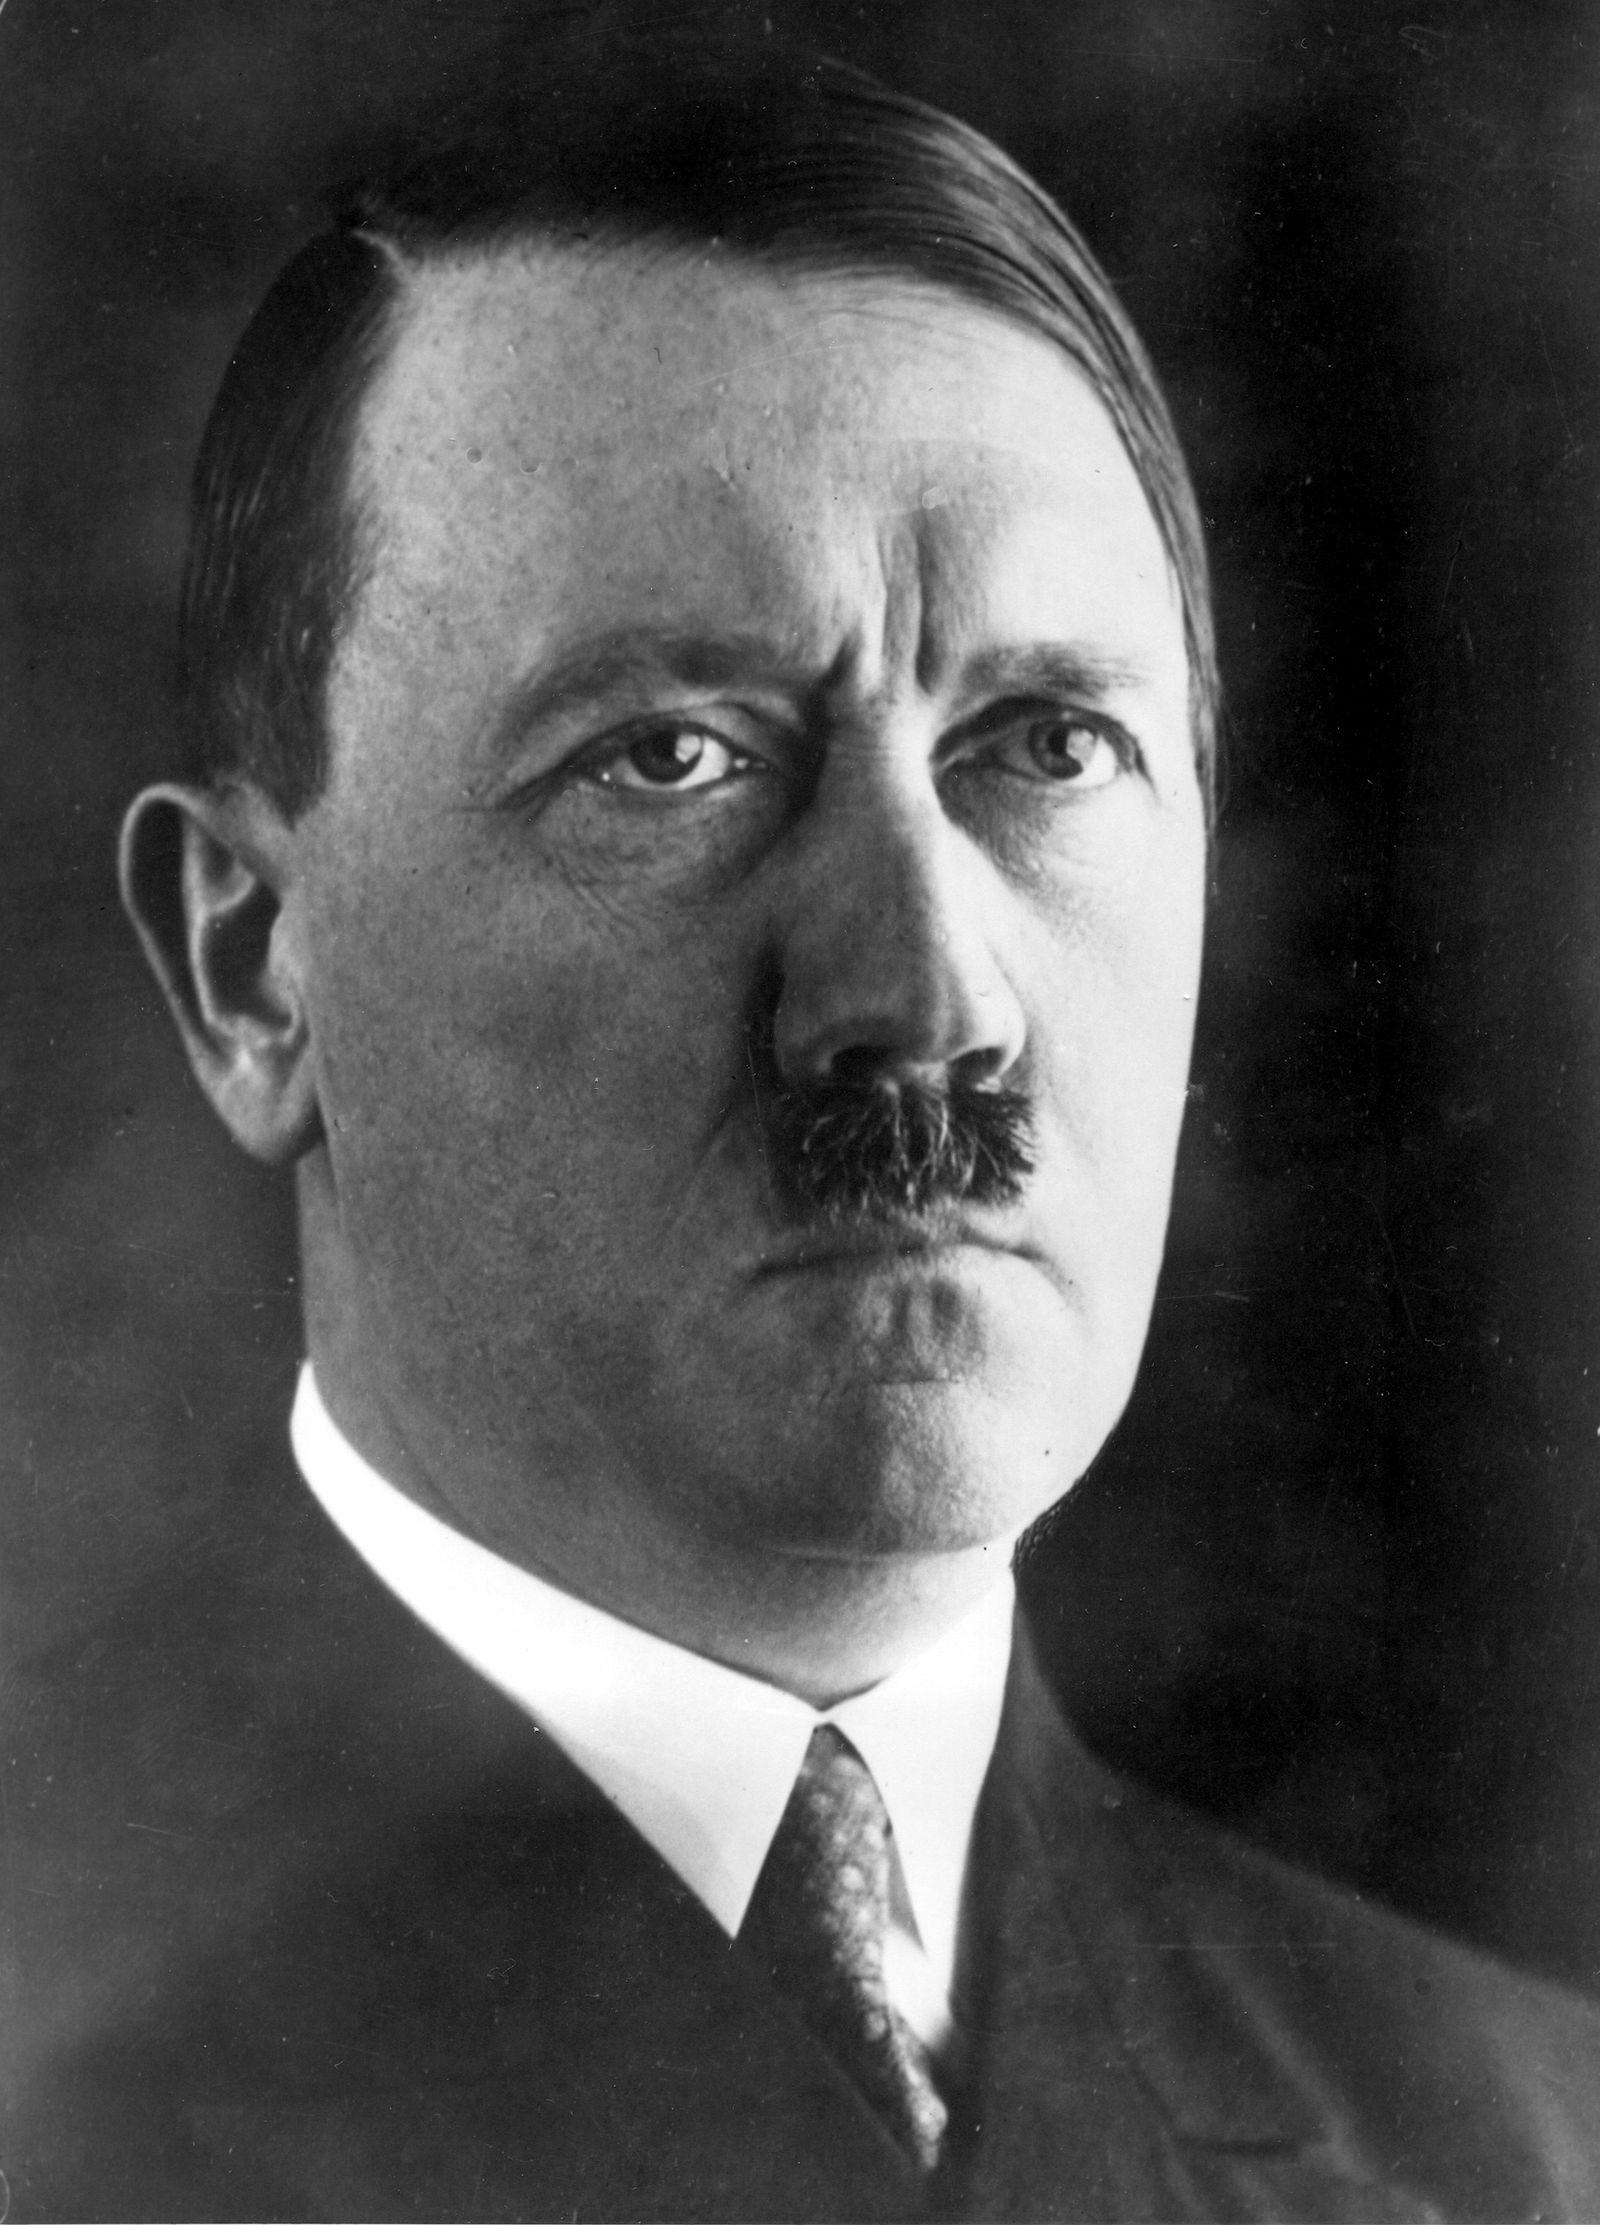 Dinge mit Gesicht/ Adolf Hitler